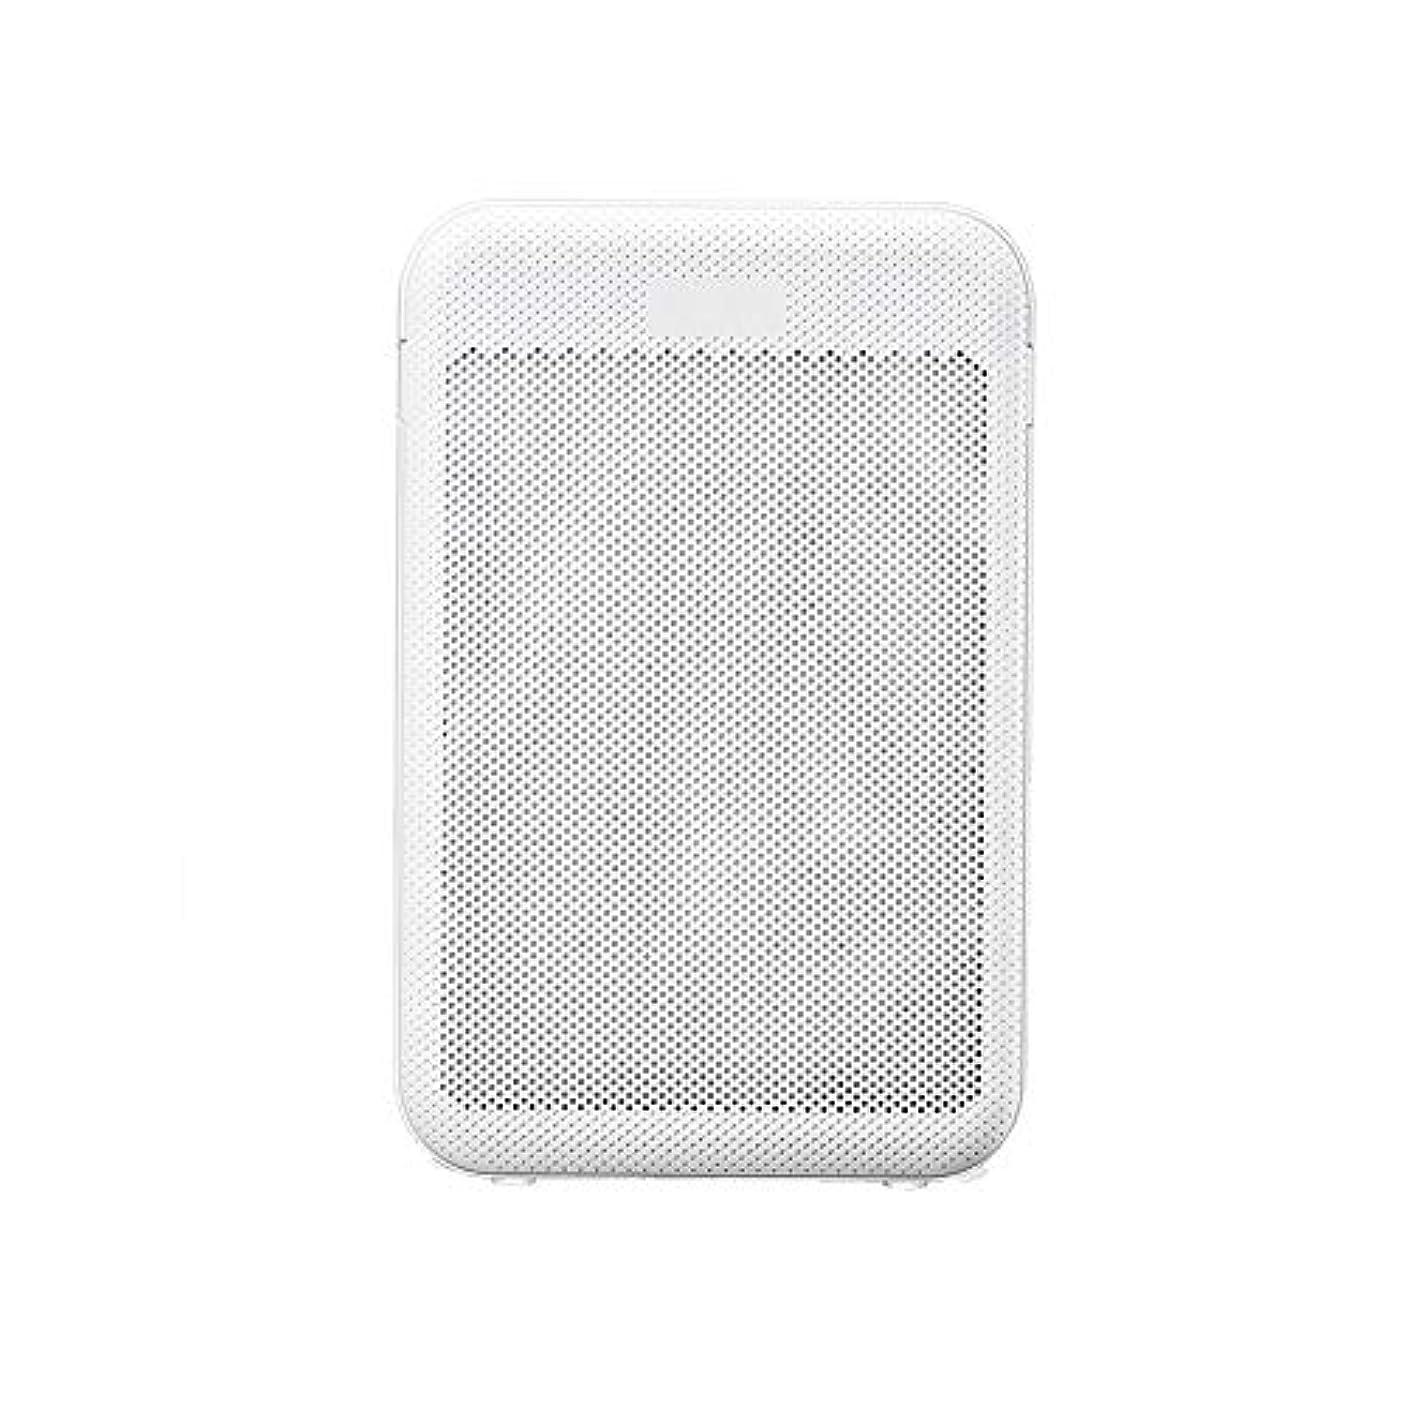 デクリメント突破口望むビズアイ 空気清浄機ホームリビングルームのベッドルームホルムアルデヒド細菌ウイルスPM2.5防塵受動喫煙スマートベッドルームクイック除菌率99.9% エアフィルター清浄機 (Color : White)